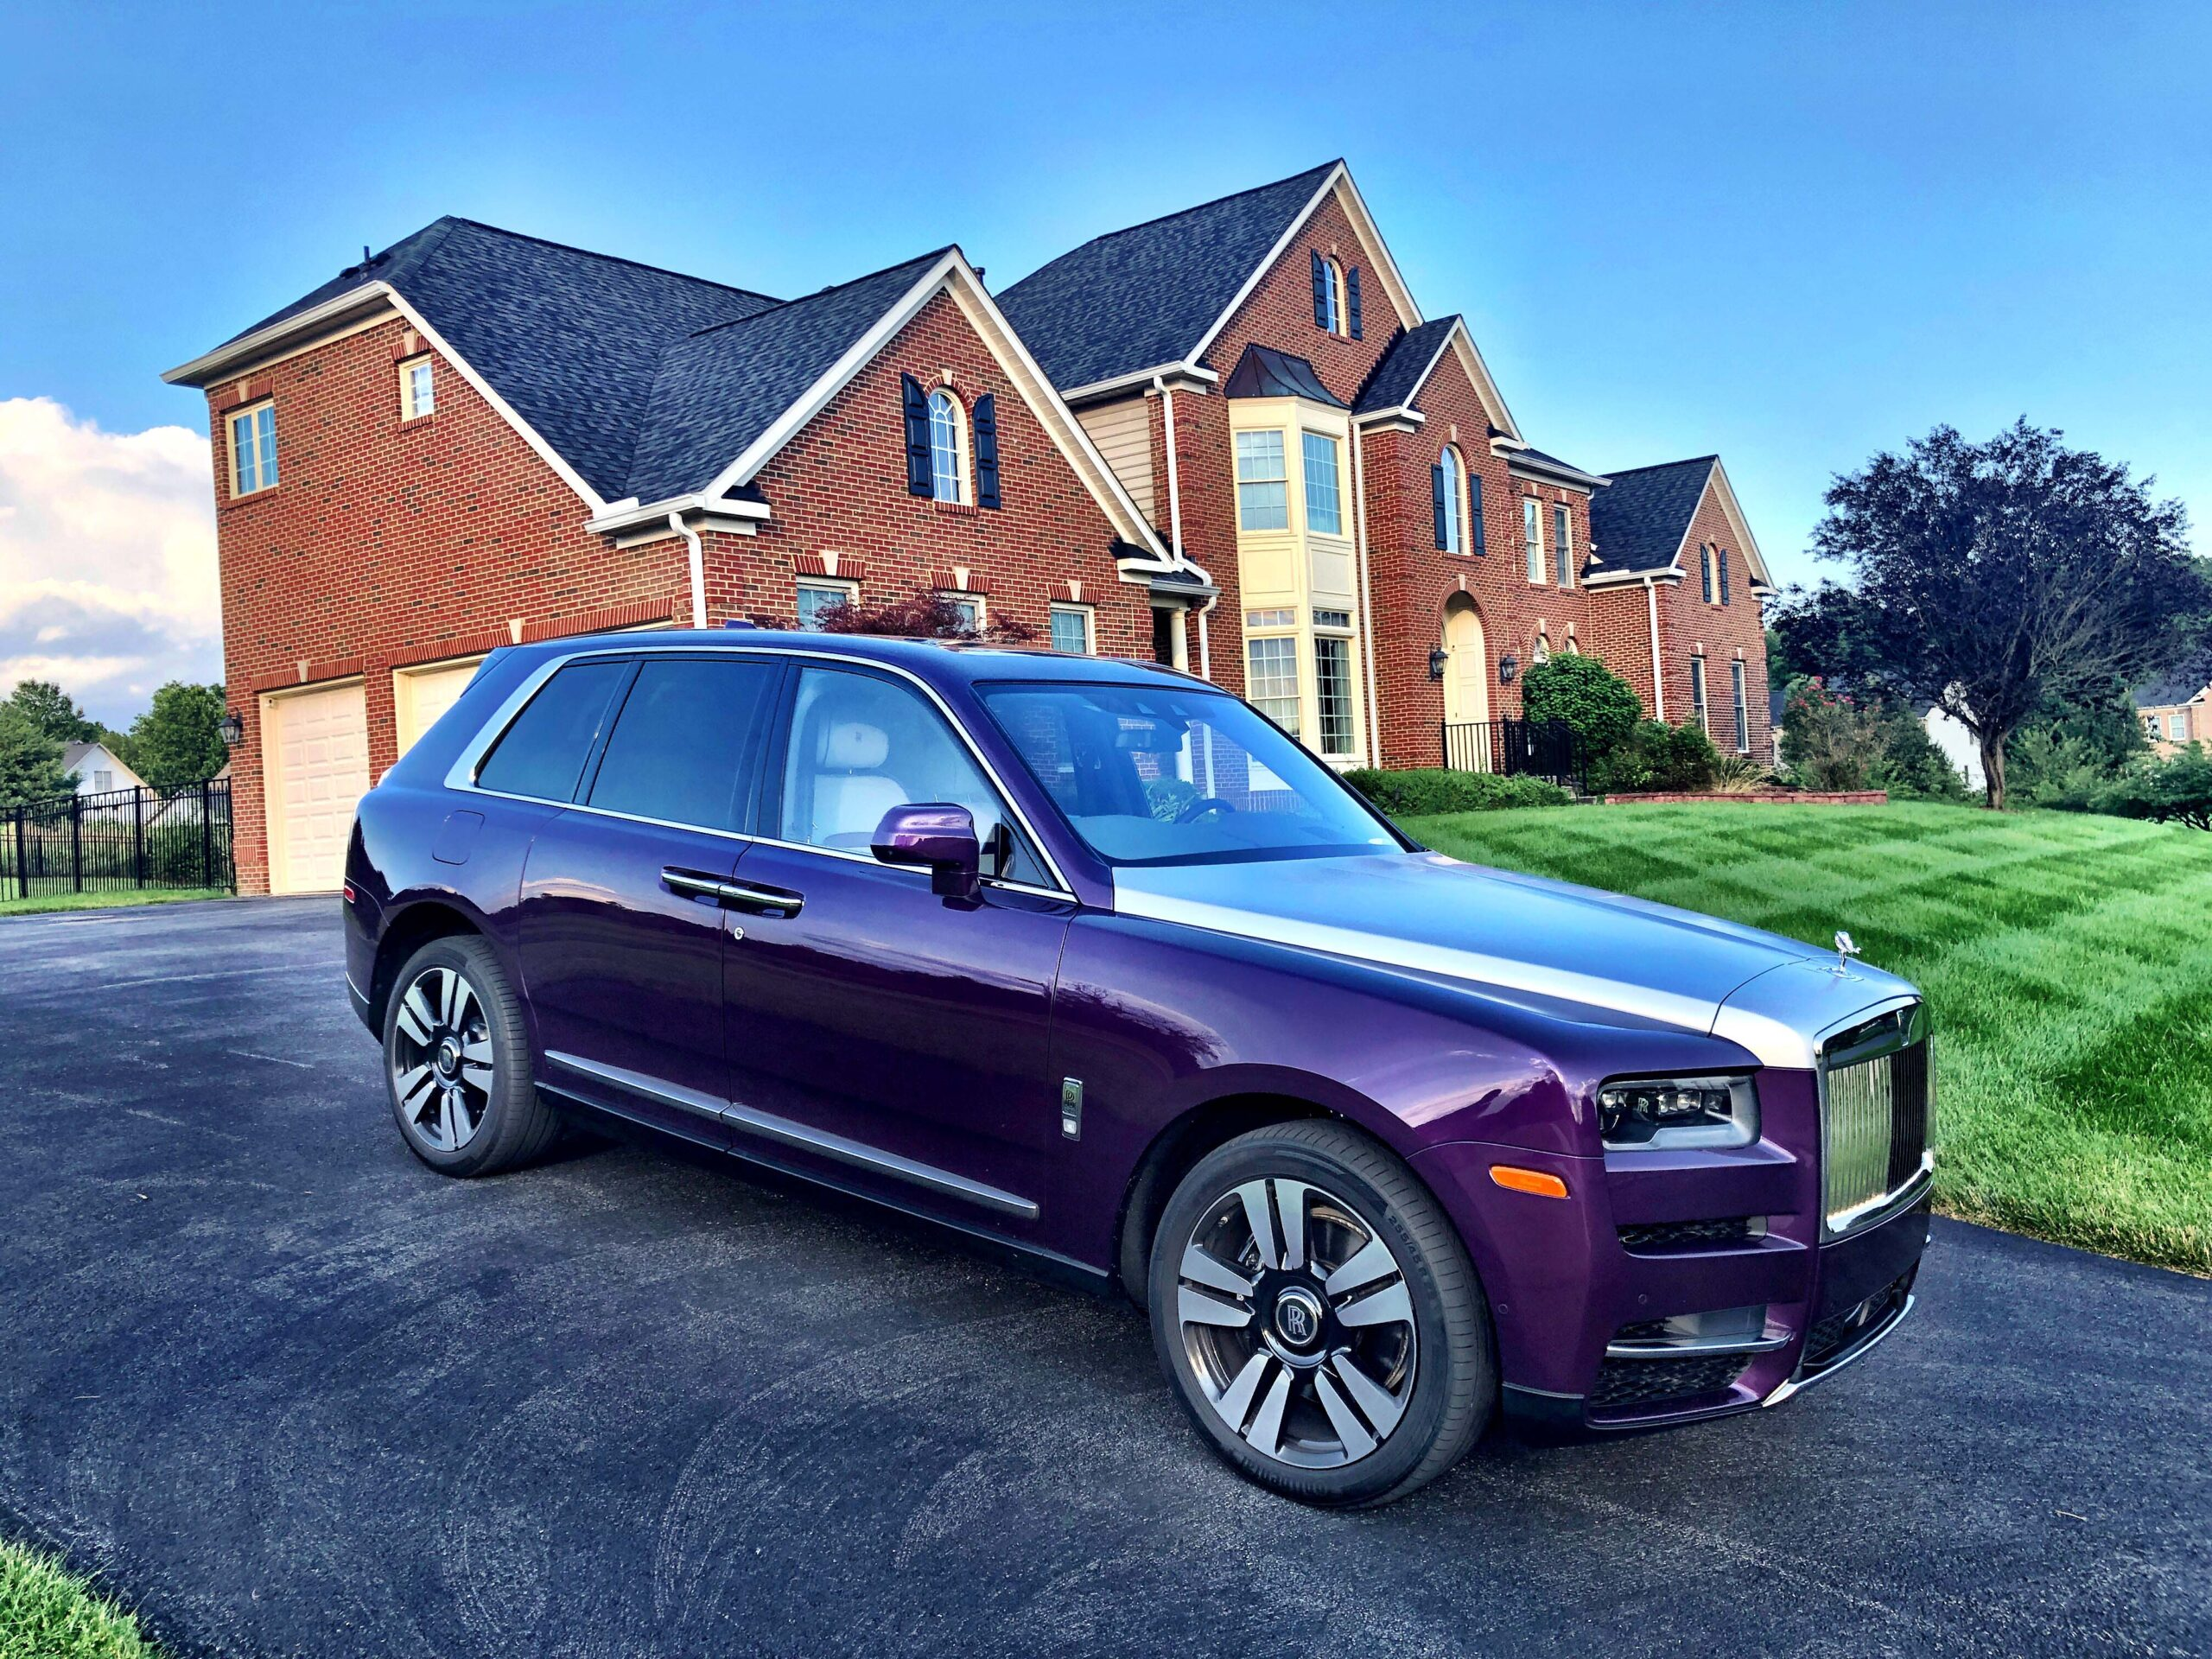 72 Hours Of Royalty 2020 Rolls Royce Cullinan Automotive Rhythms